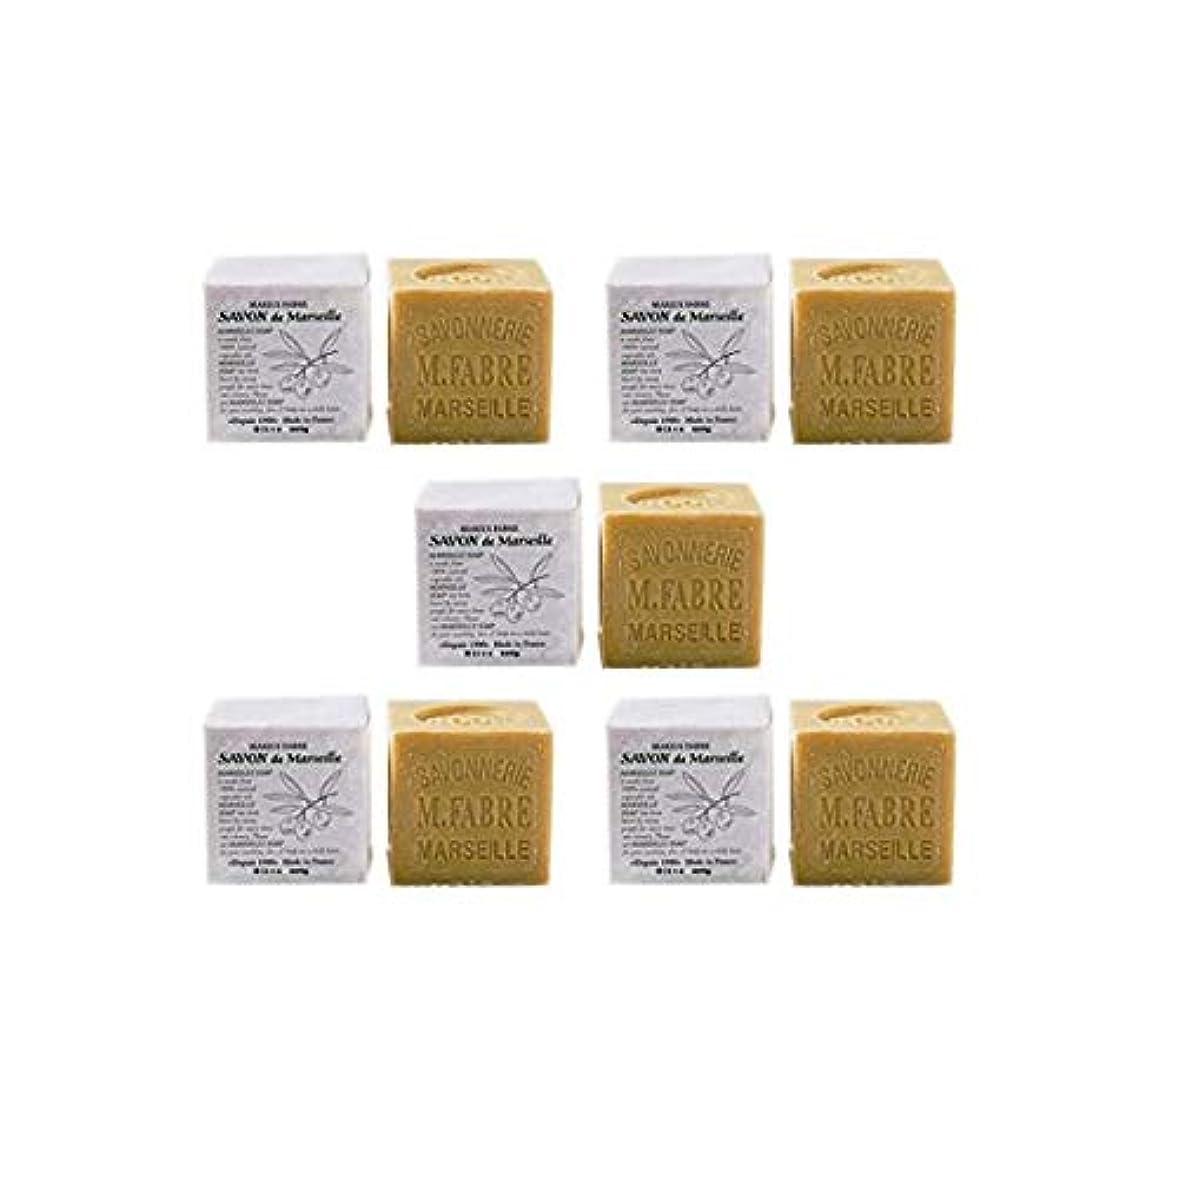 曲げるに向けて出発唯一マリウスファーブルジューン サボンドマルセイユ無香料200gオリーブN 5個セット(200g×5個)無添加オリーブ石鹸